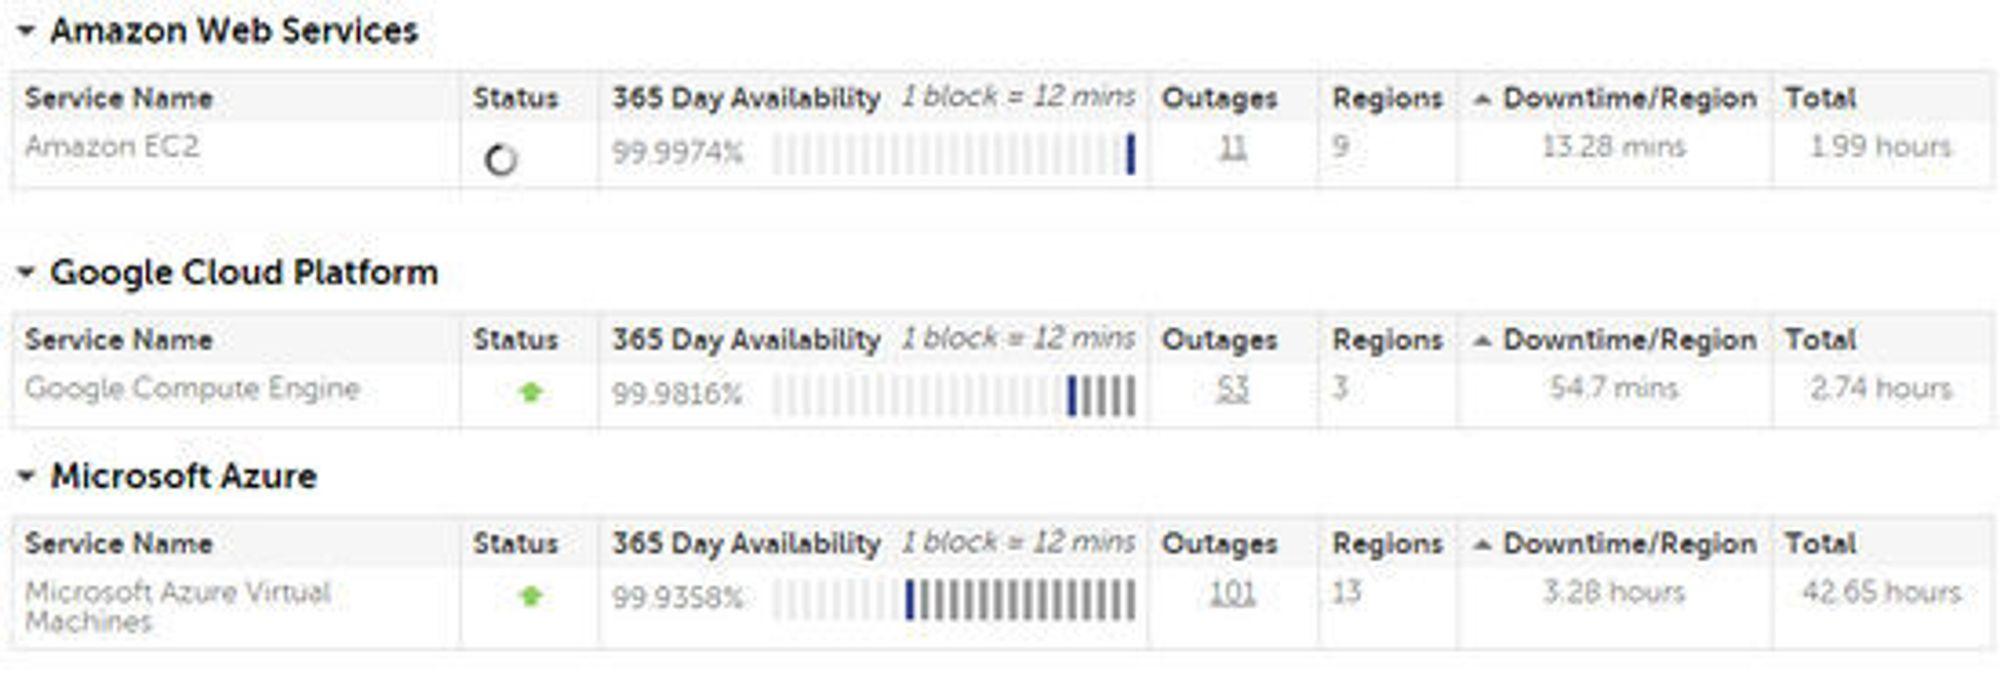 Den registrerte nedetiden til de nettskybaserte infrastruktur-tjenestene til Amazon, Google og Microsoft de siste 365 dagene.